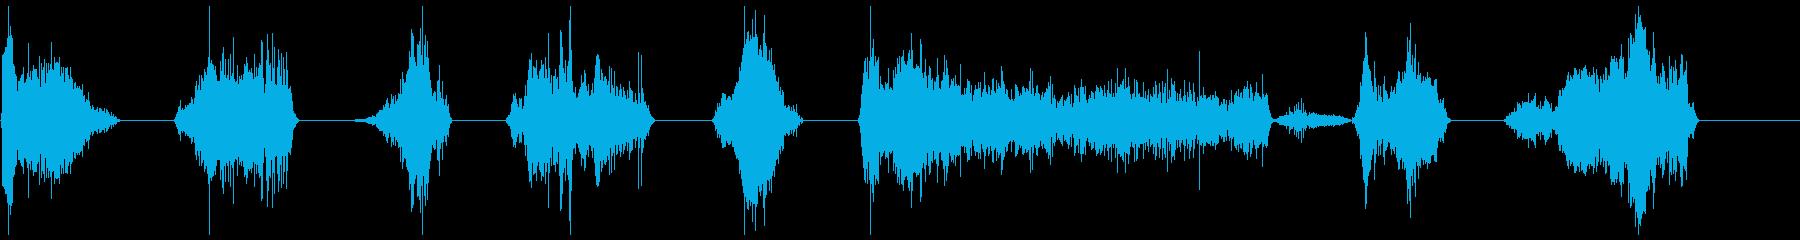 Monster Growls 11-17の再生済みの波形